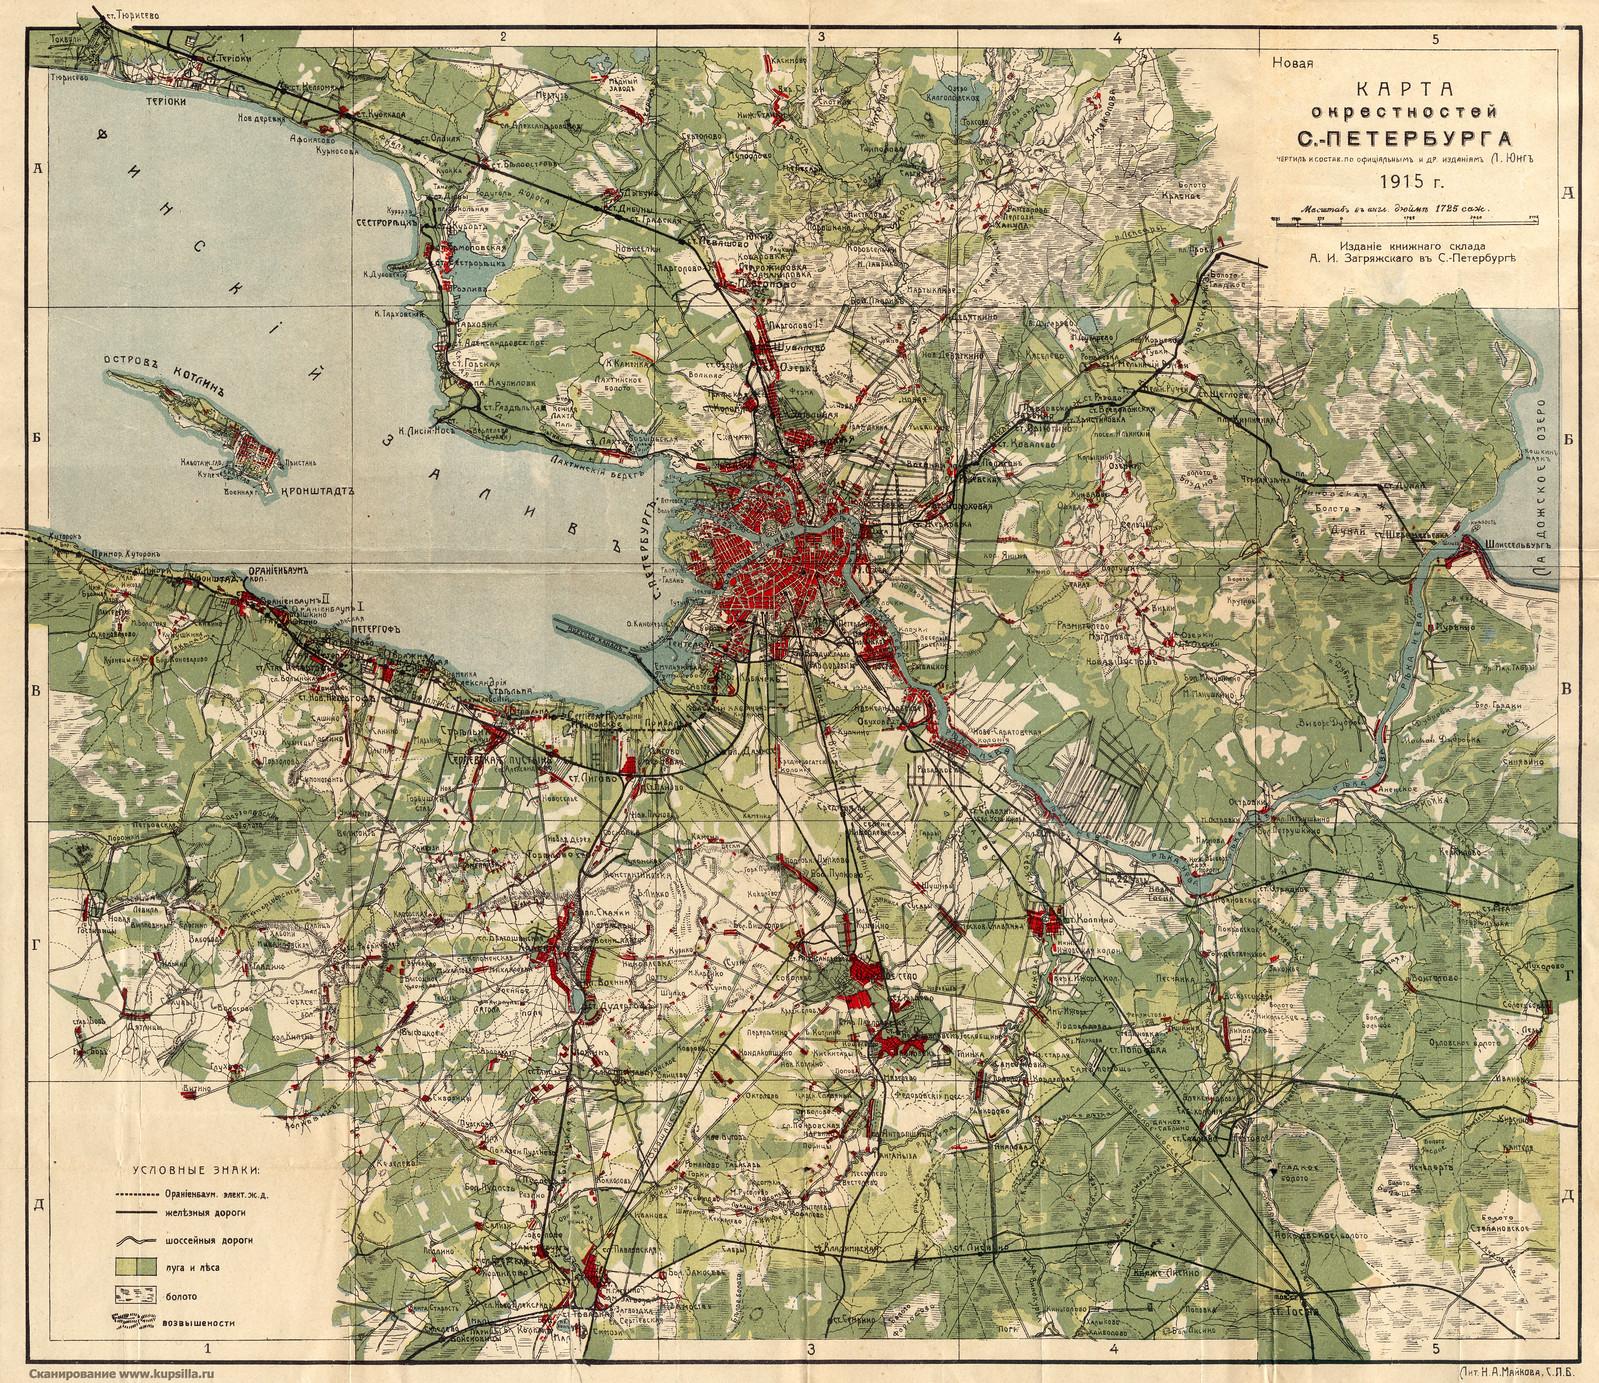 1915. Карта окрестностей Санкт-Петербурга